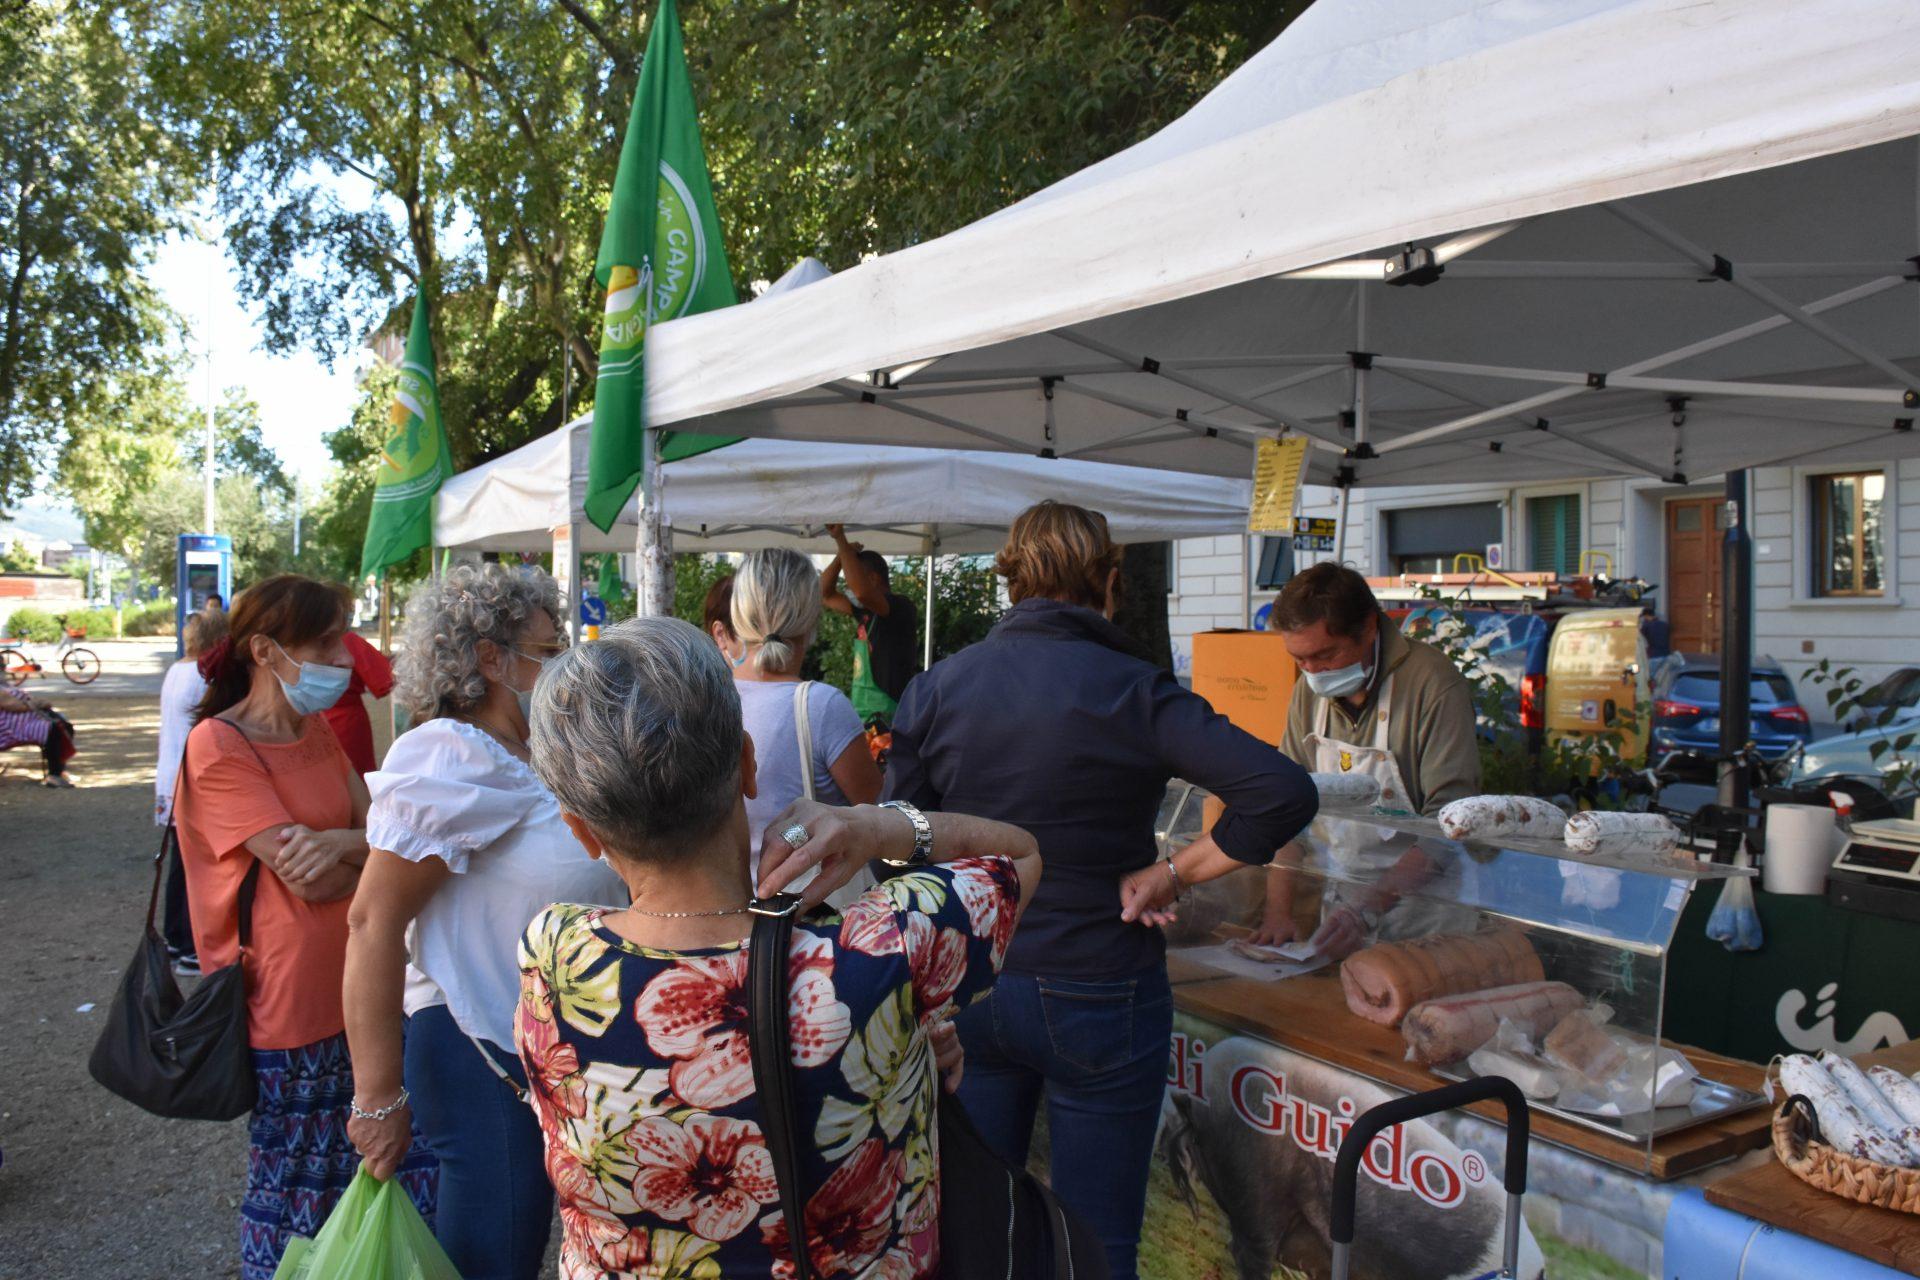 FOTO / Inaugurato il mercato contadino Cia di via Maddalena, sabato 4 settembre al via quello di piazza Alberti